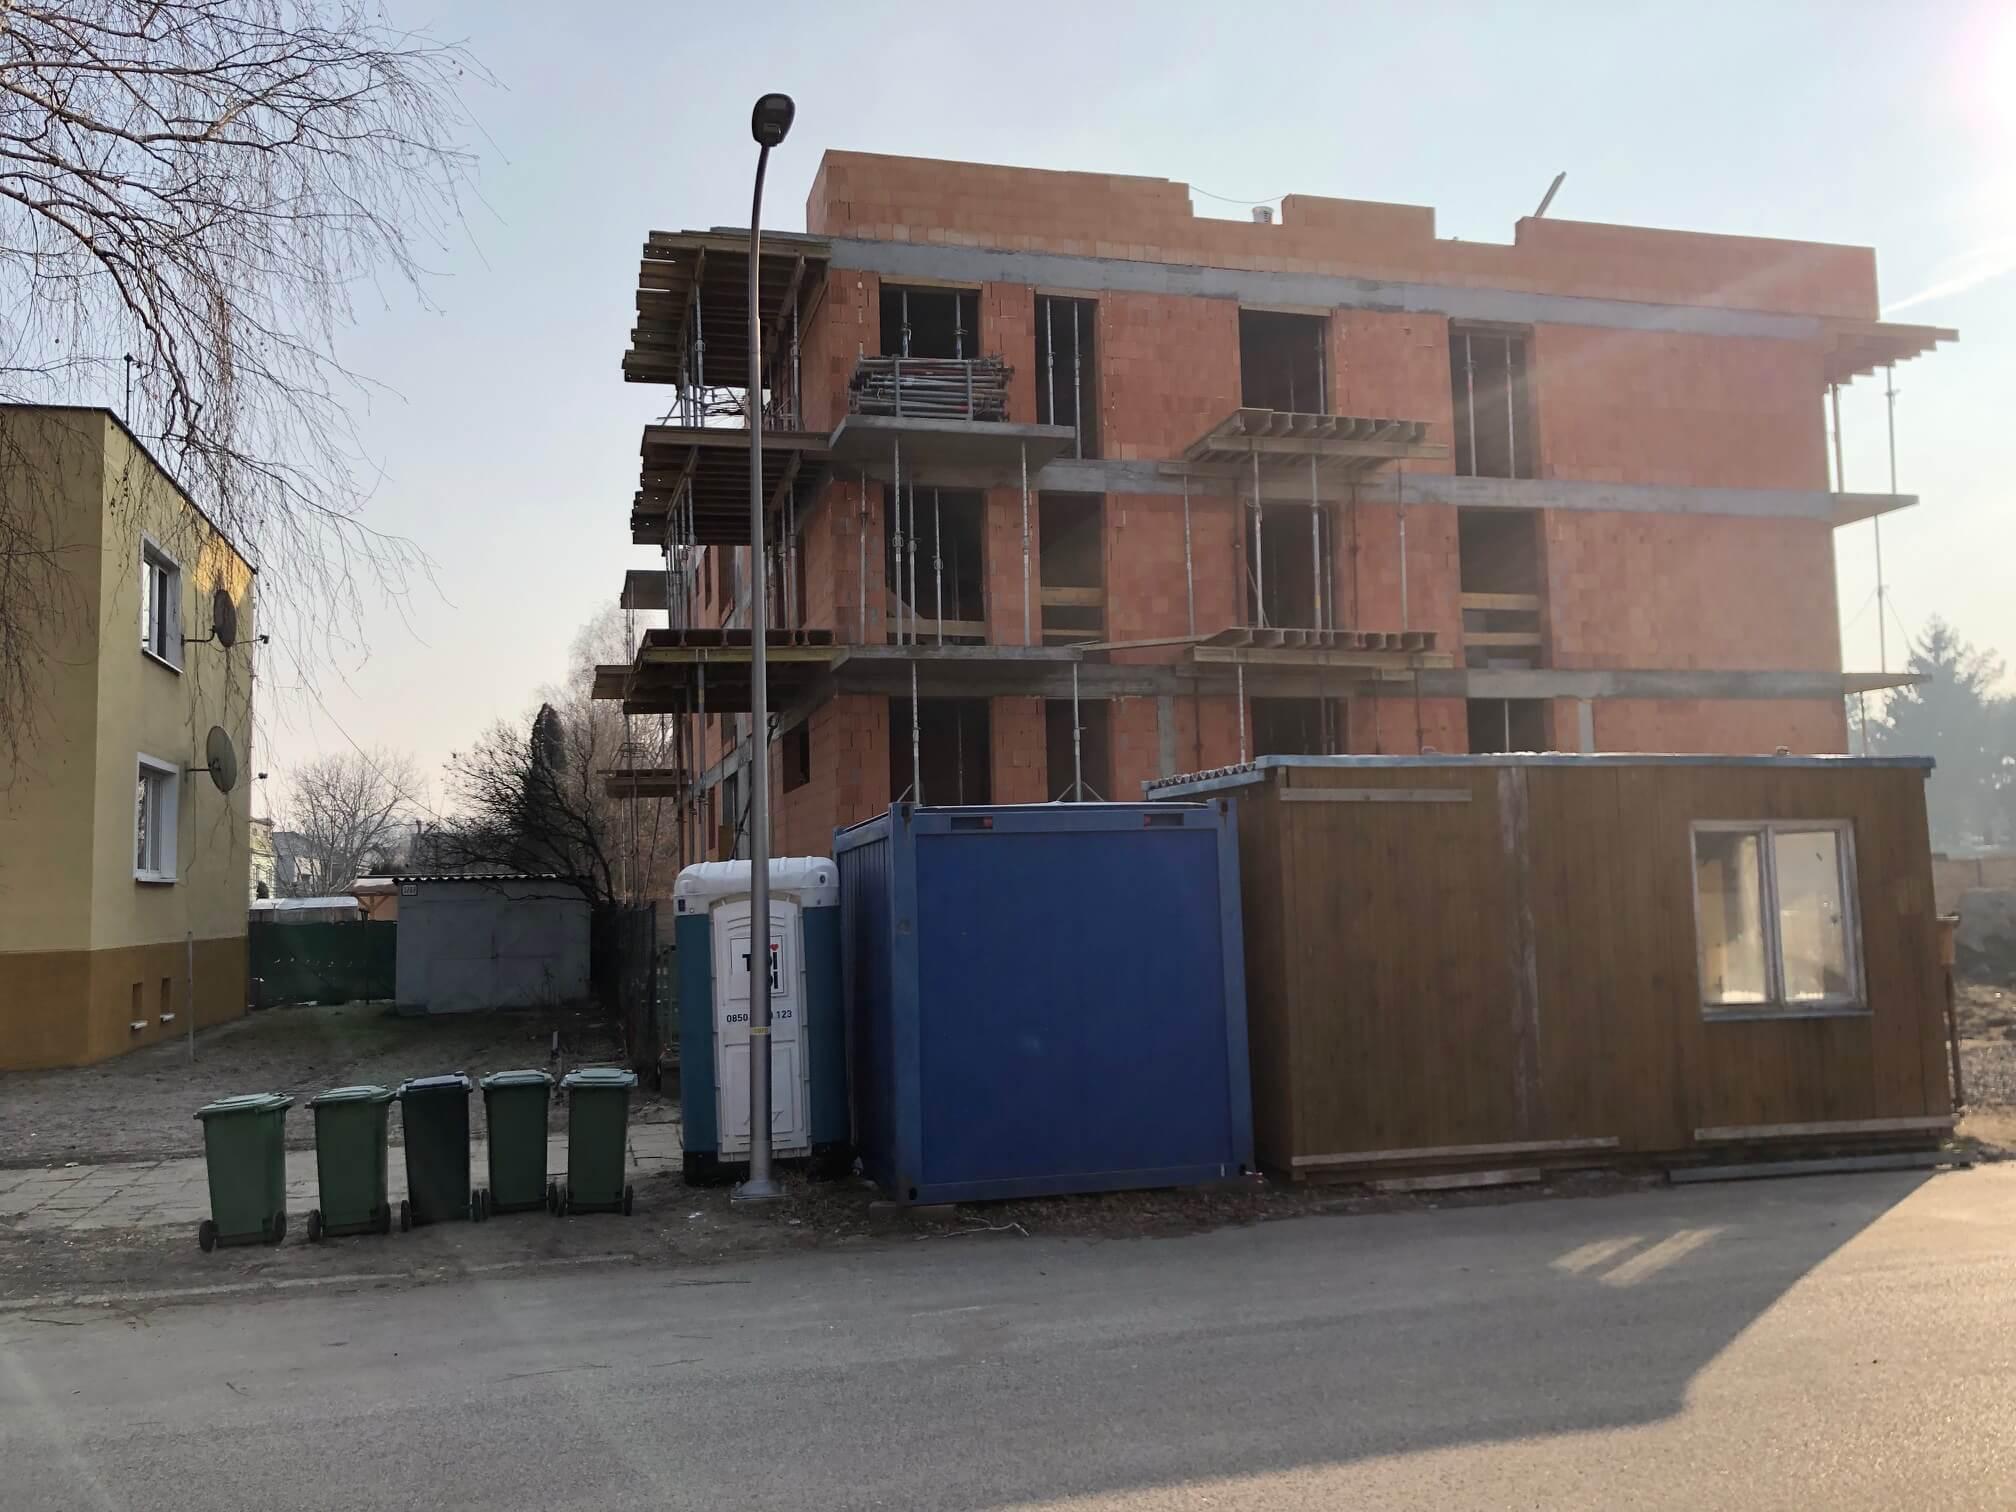 Predané: Novostavba 4 Izbový, M-House, Malacky centrum, 91,60m2, Loggia 15,29m2-24